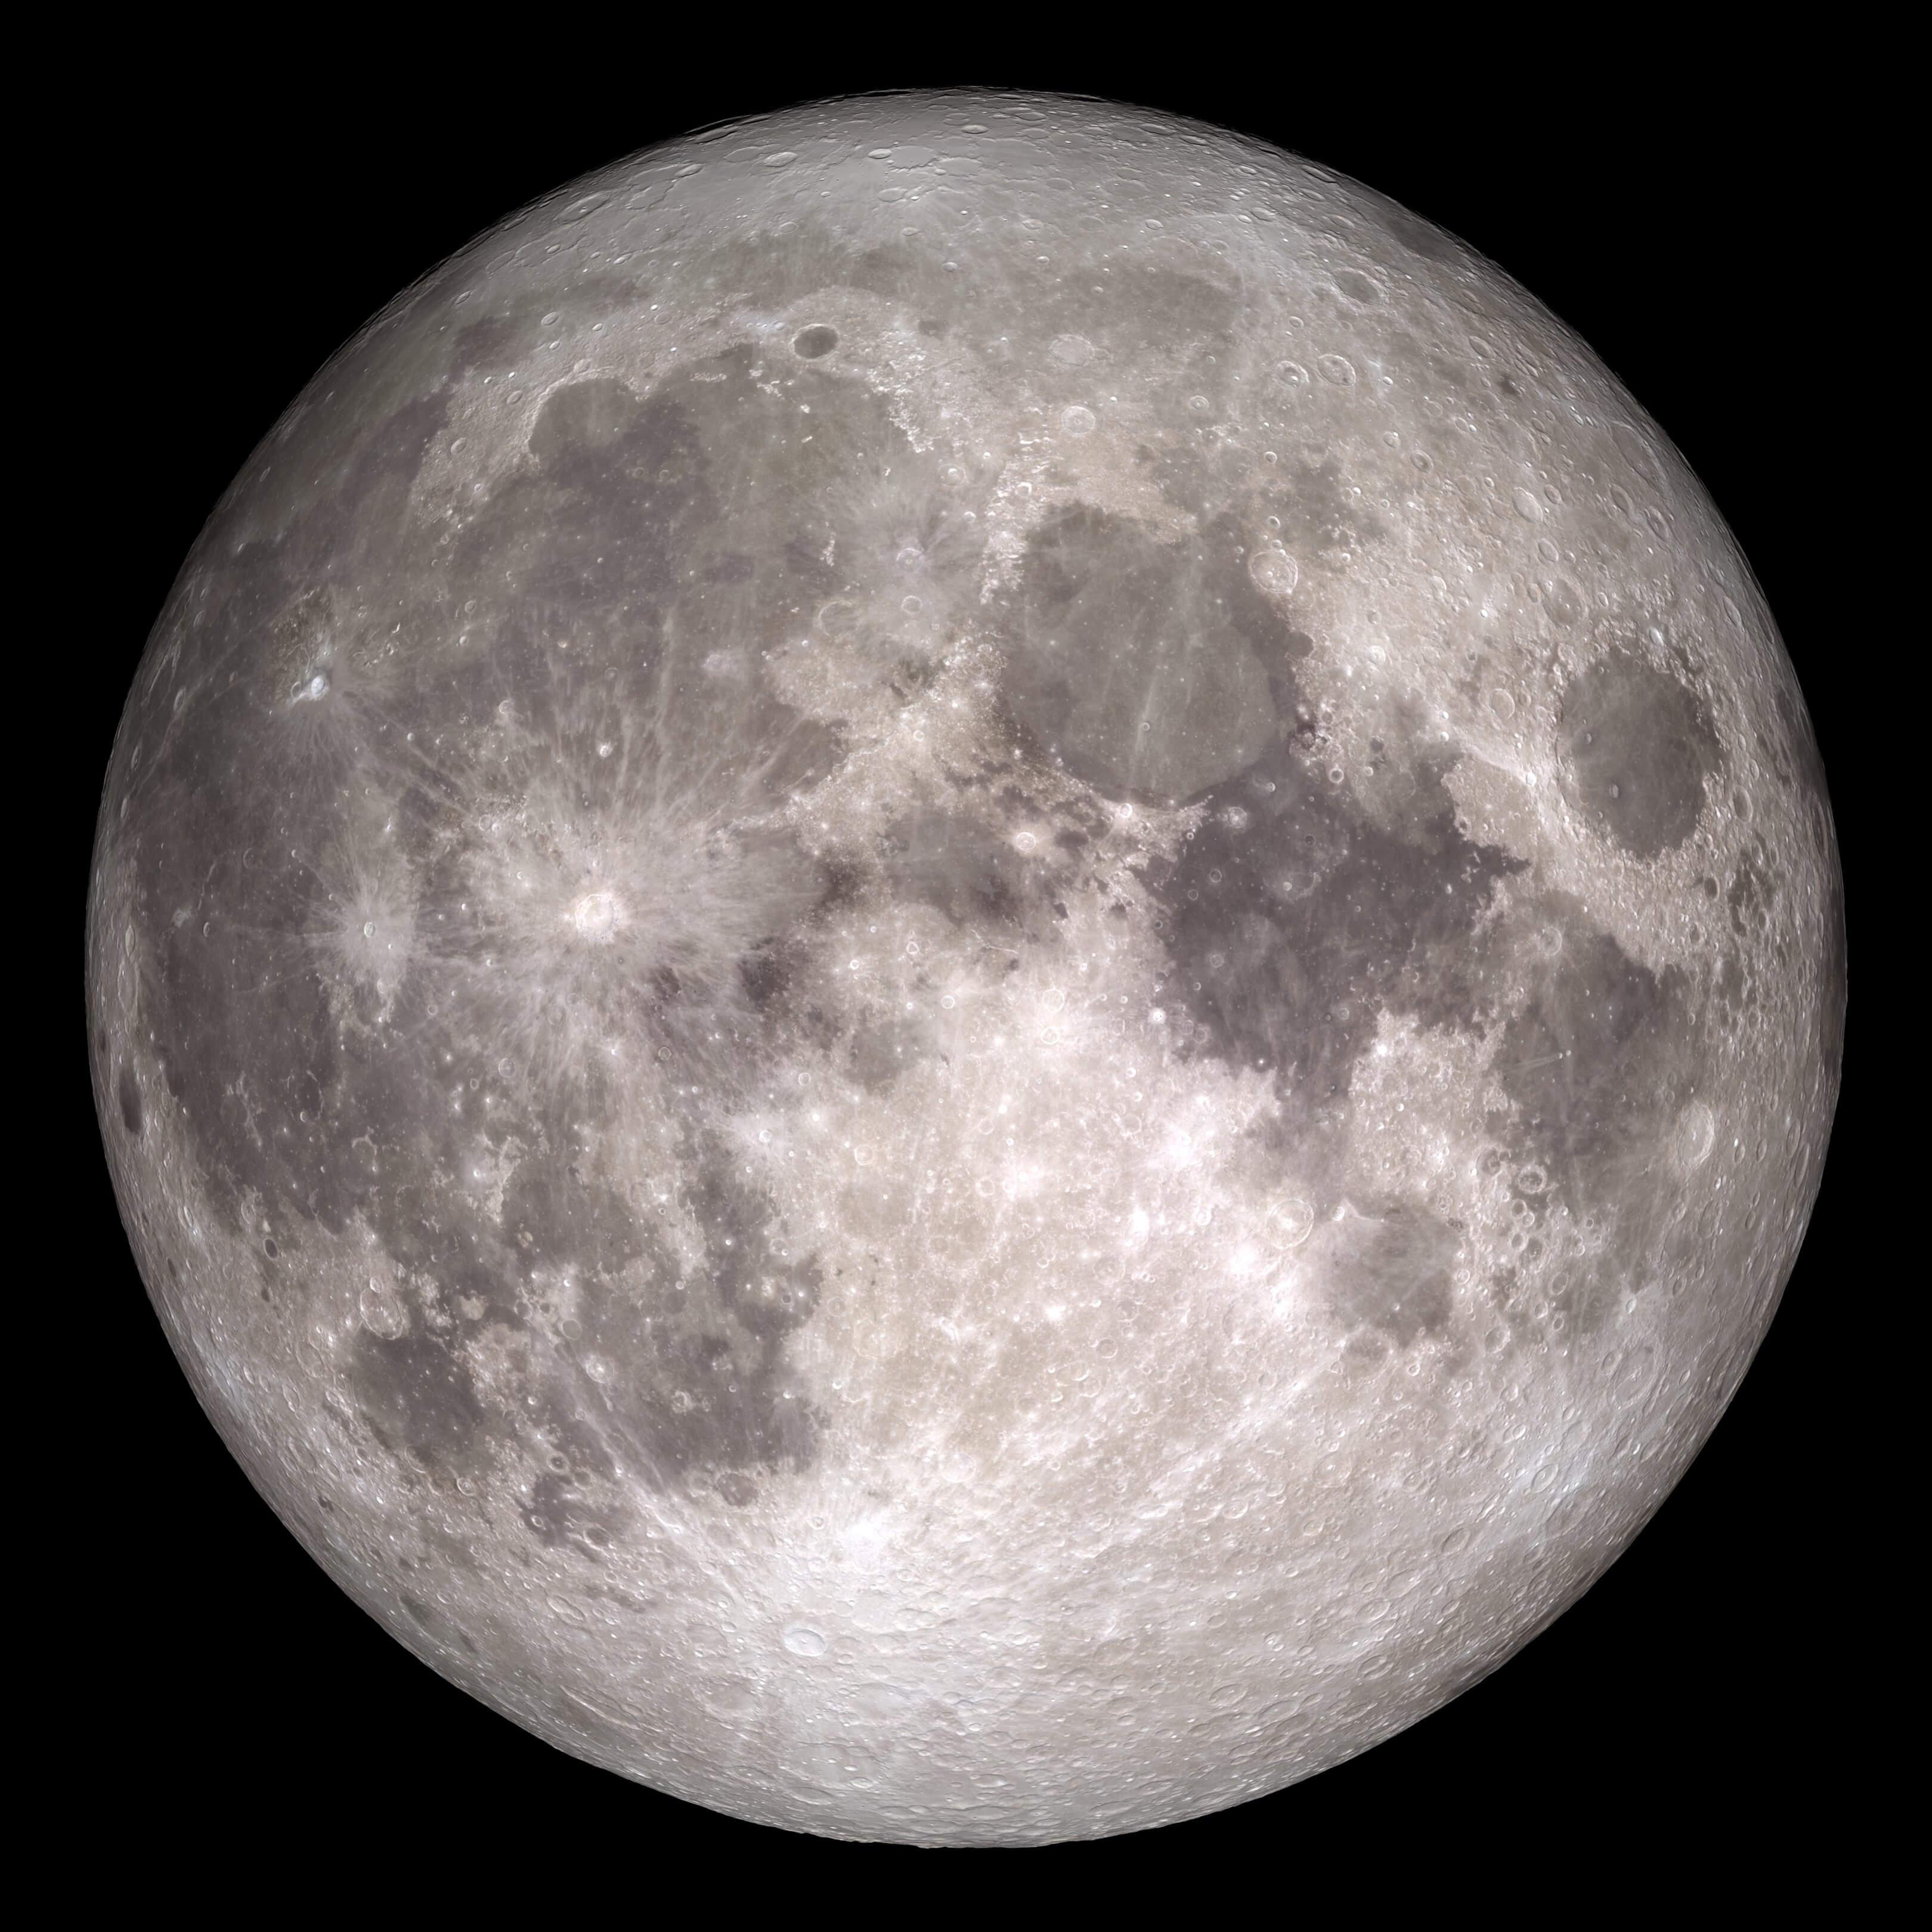 the moon near side.en - The Moon 1969